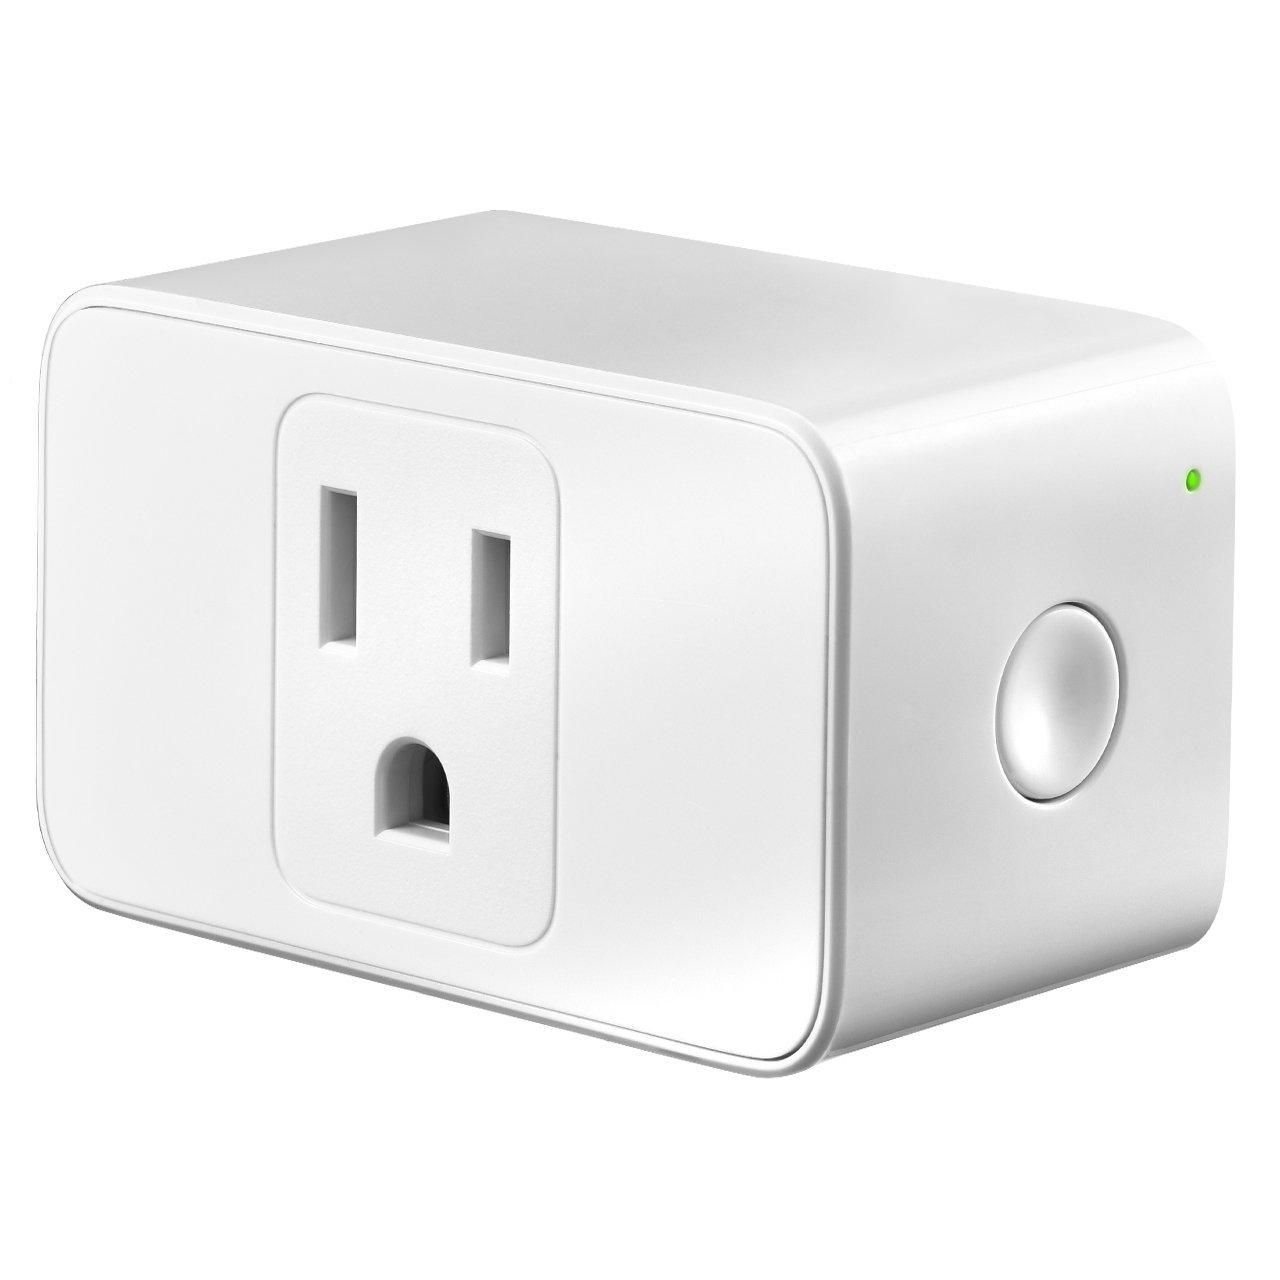 Meross WiFi Smart Plug w/ Alexa $10